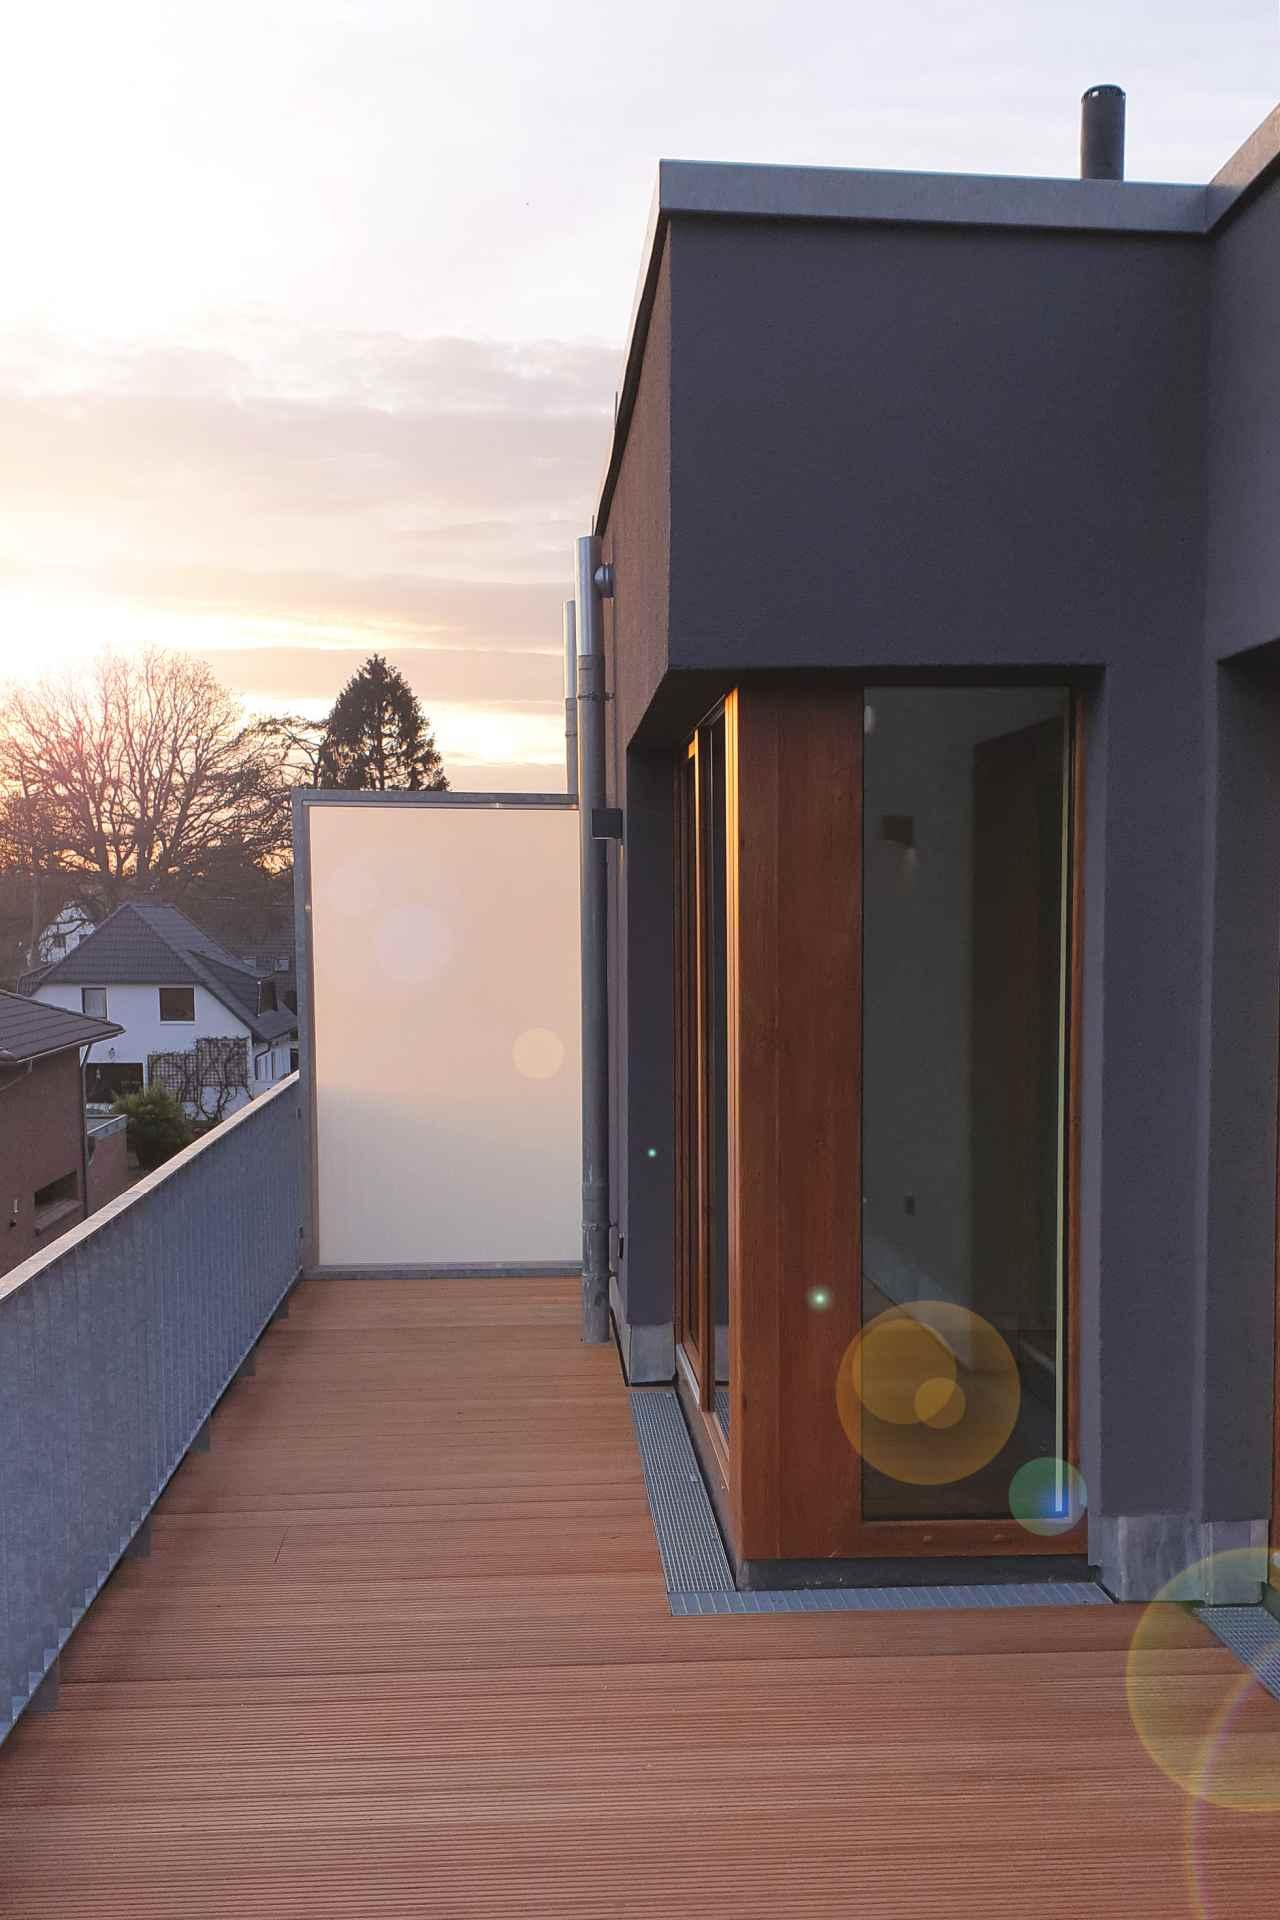 GIL (Wohnbauten) Haus im Haus